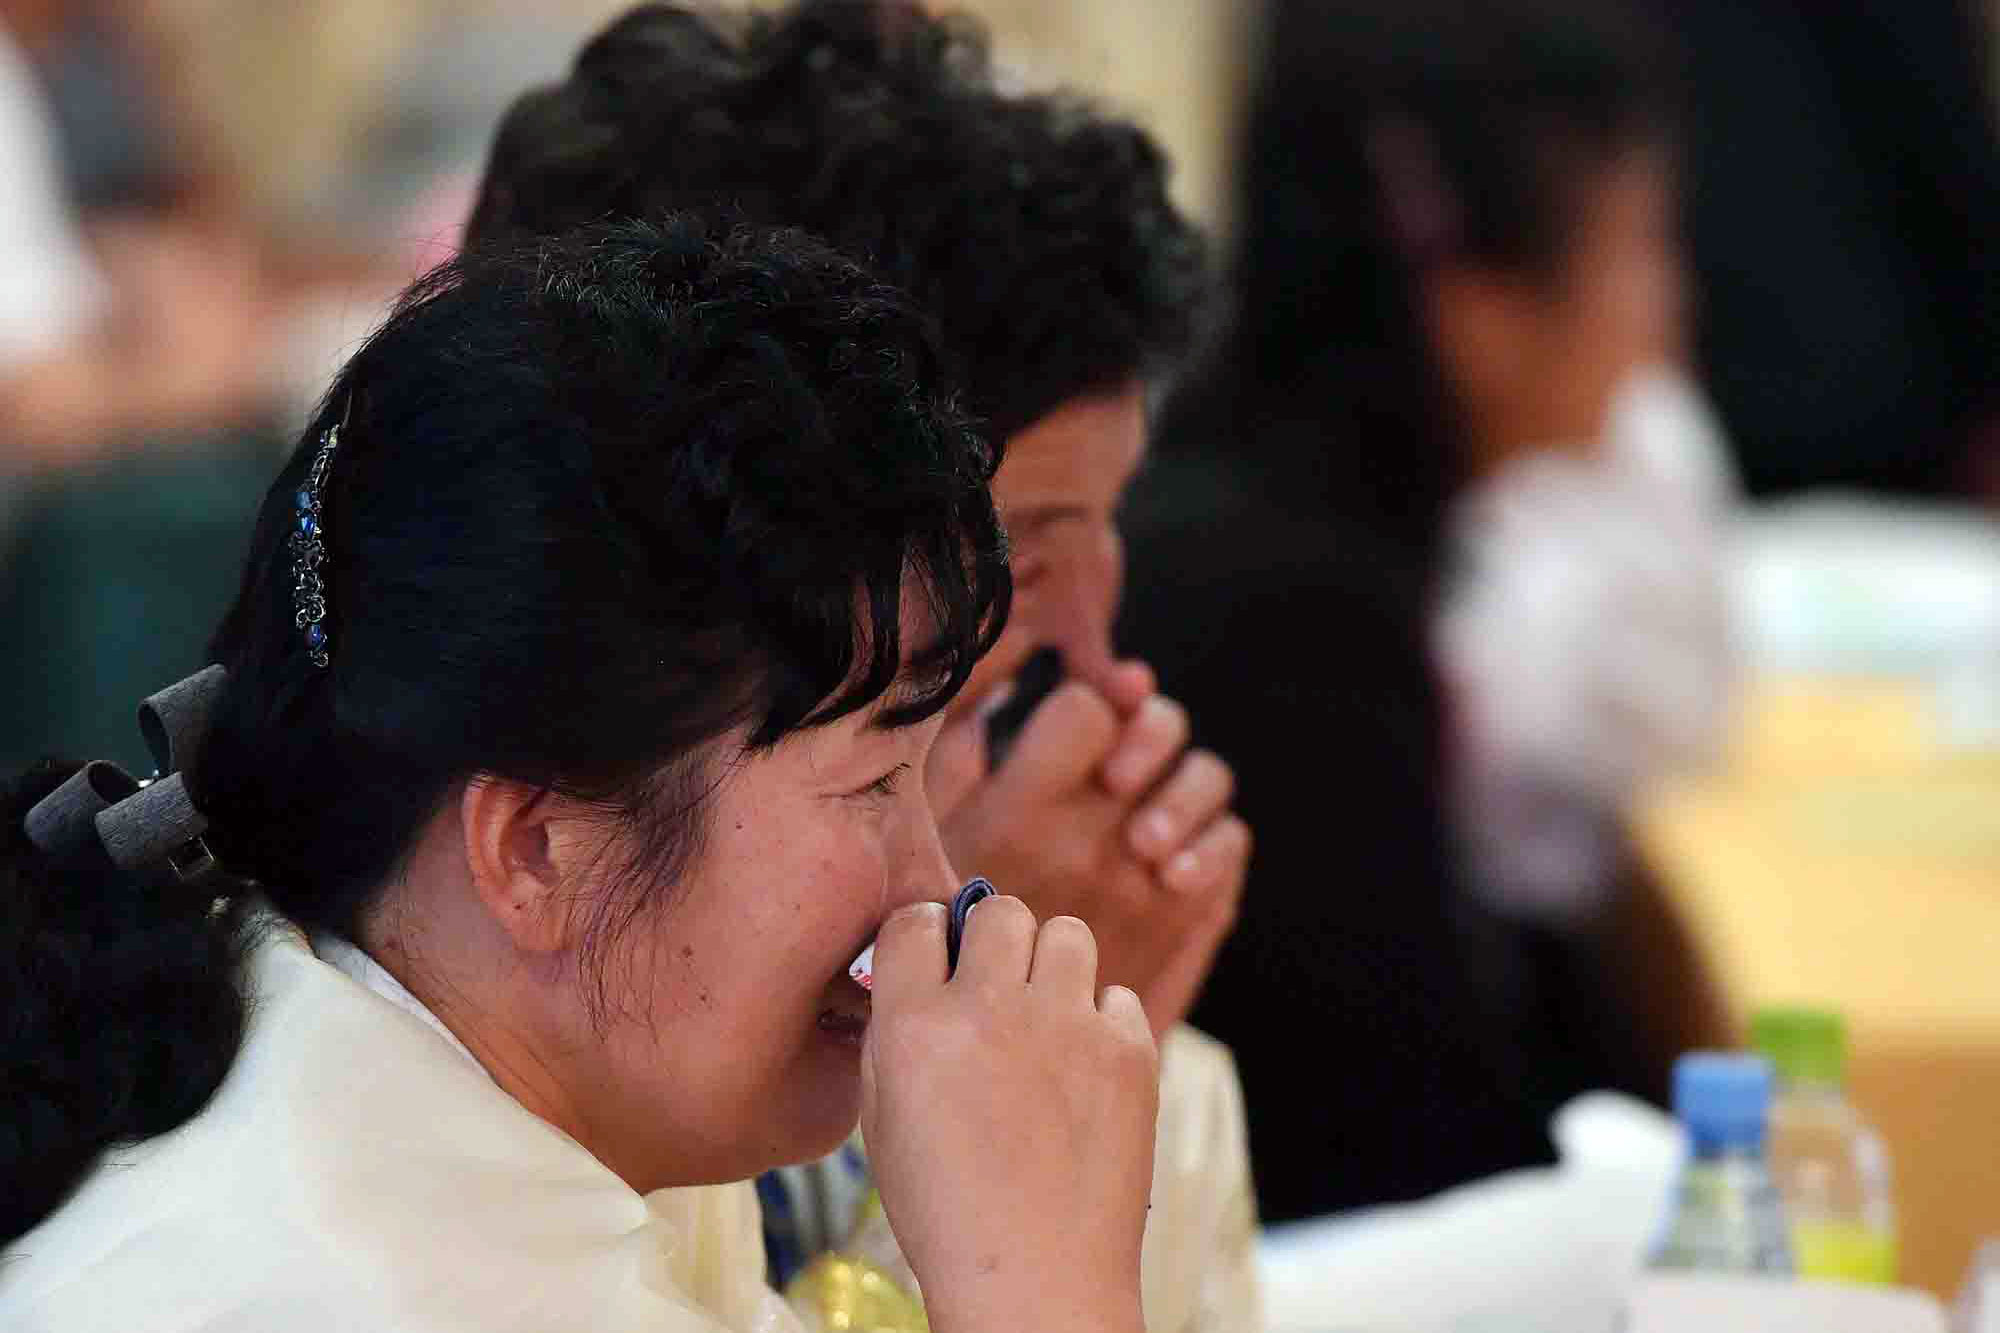 이산가족, 北가족 뒤로 하고 눈물의 귀환